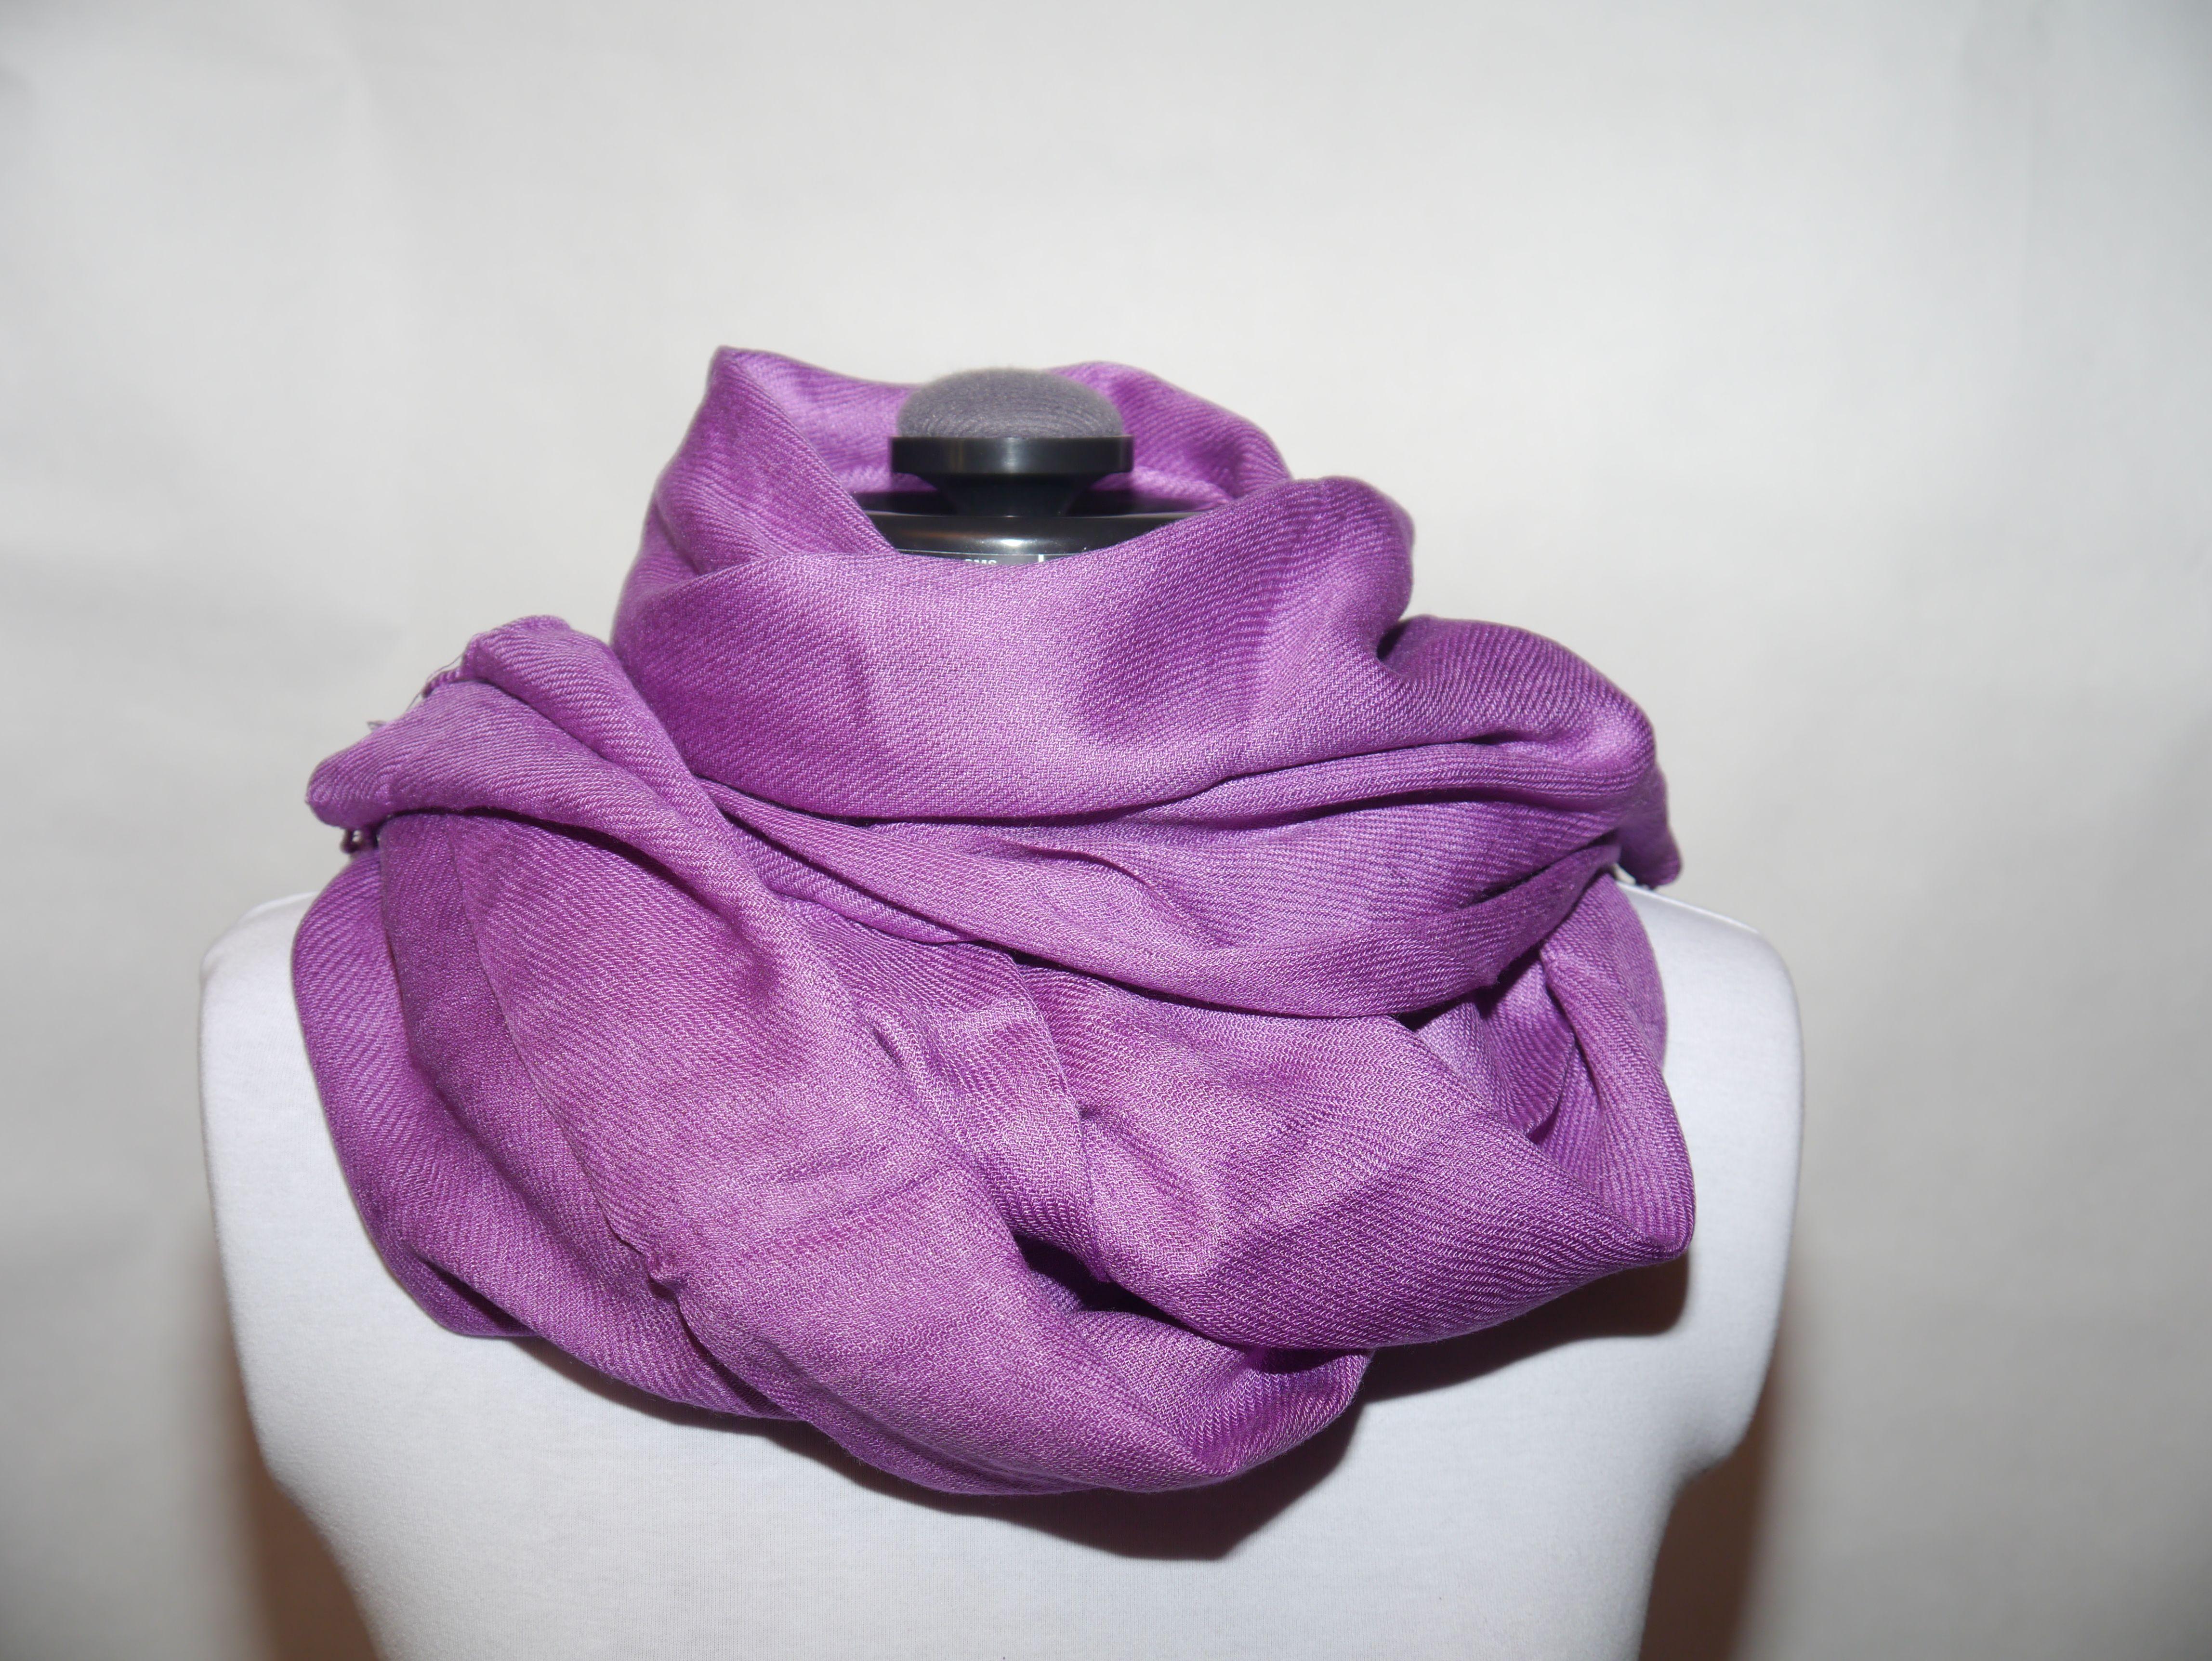 Viskossjal lila 199:- @ http://decult.se/store/products/viskos-sjal-lila